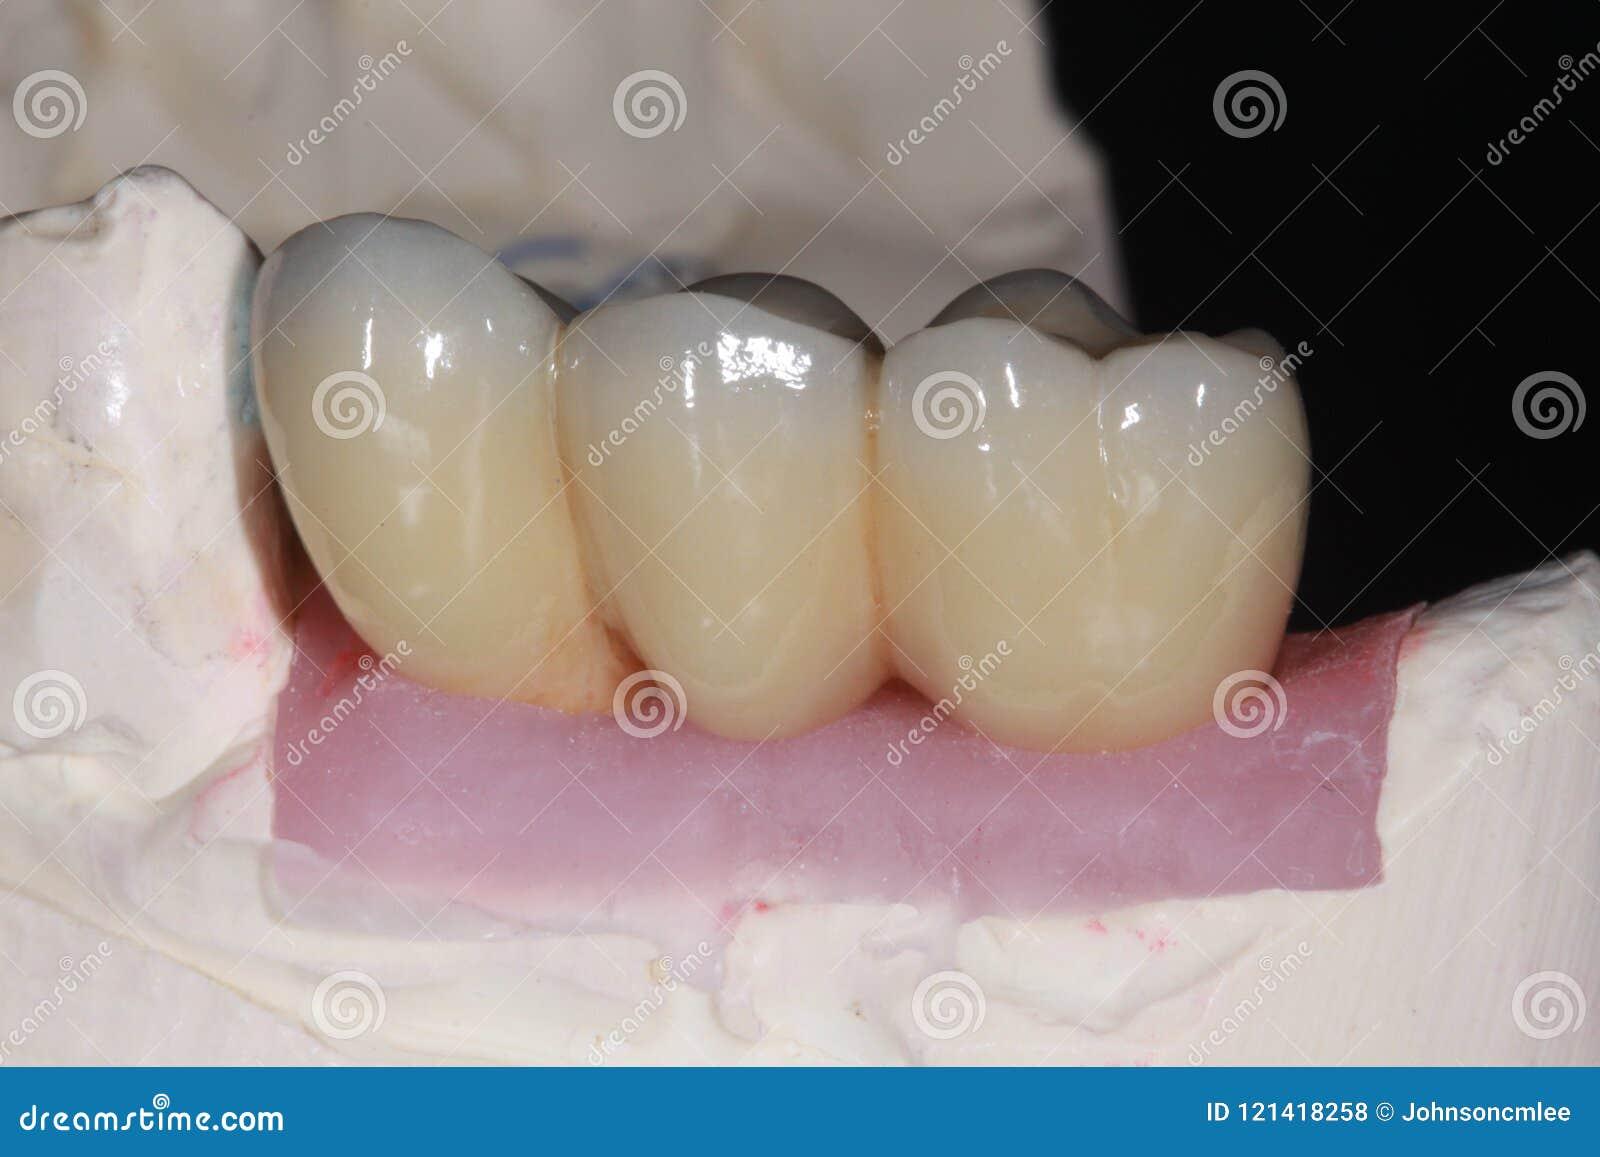 Un fusible de porcelaine pour metal le pont dentaire avec la haute porcelaine de translucidité qui imitent la couleur naturelle d